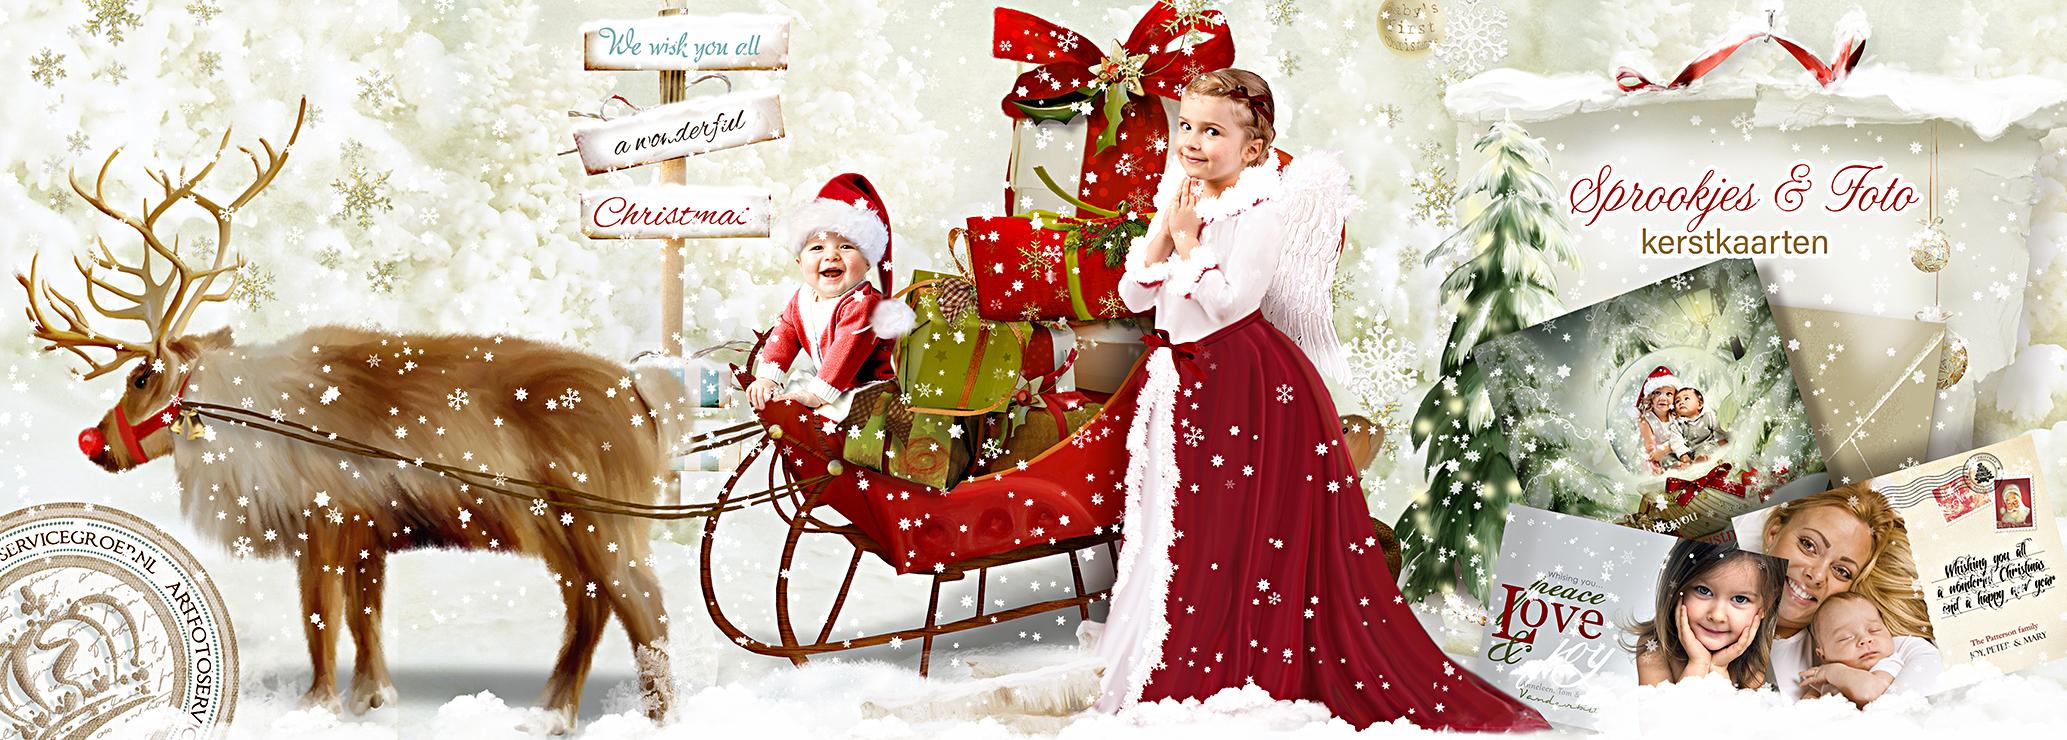 Sprookjes & Foto kerstkaarten, met je eigen foto